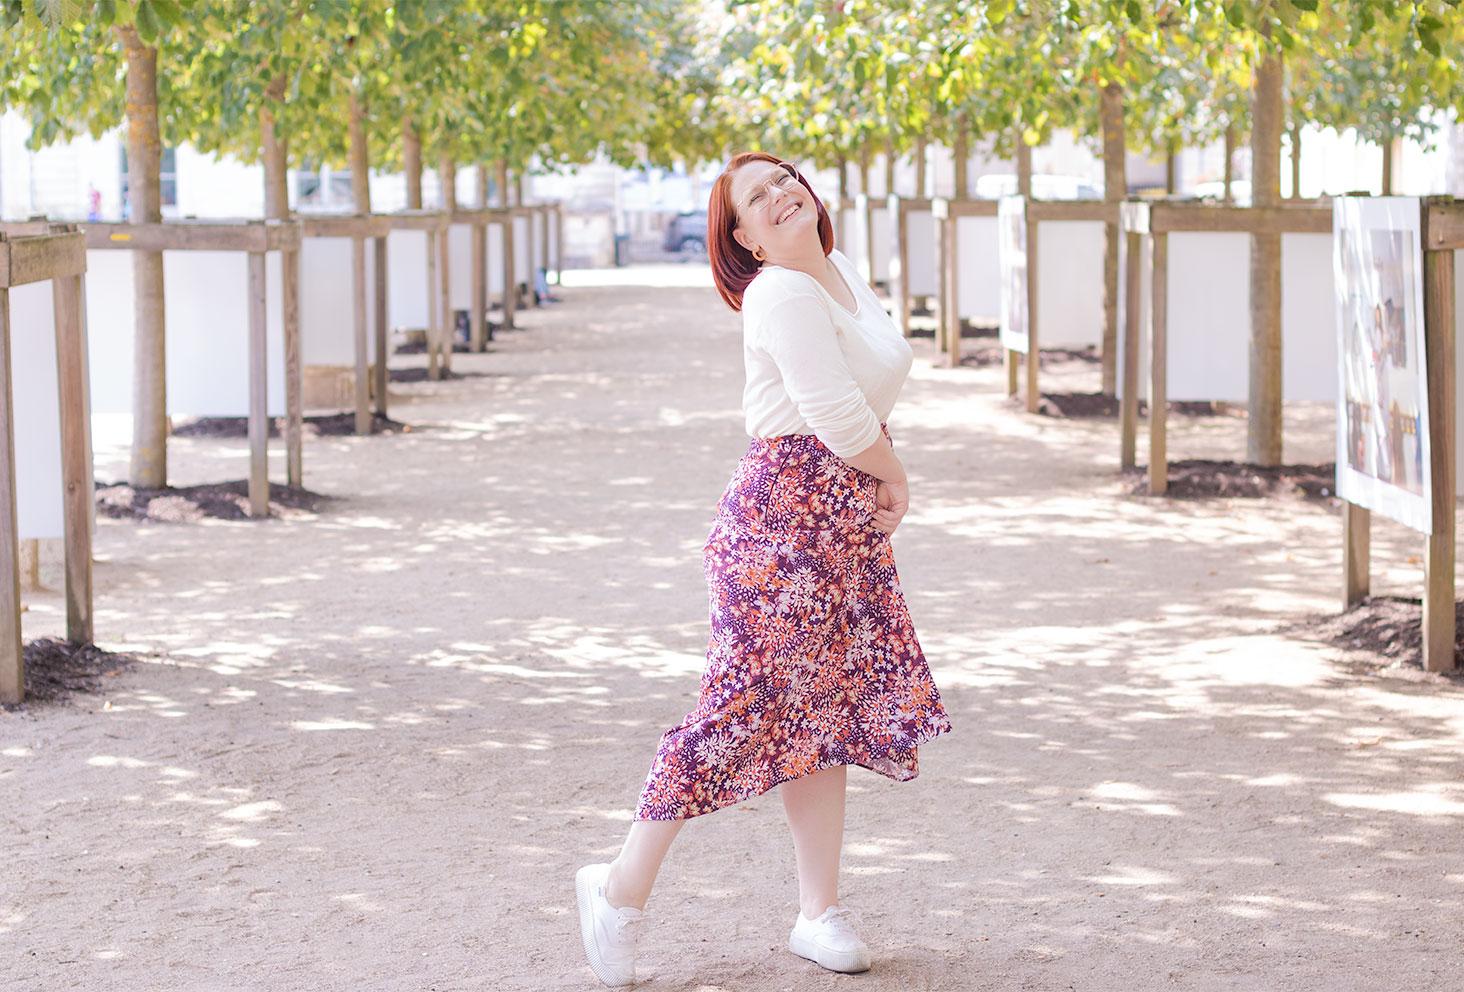 Dans un parc en jupe longue rose et pull blanc, avec le sourire, le bas de la jupe tenue entre les mains devant